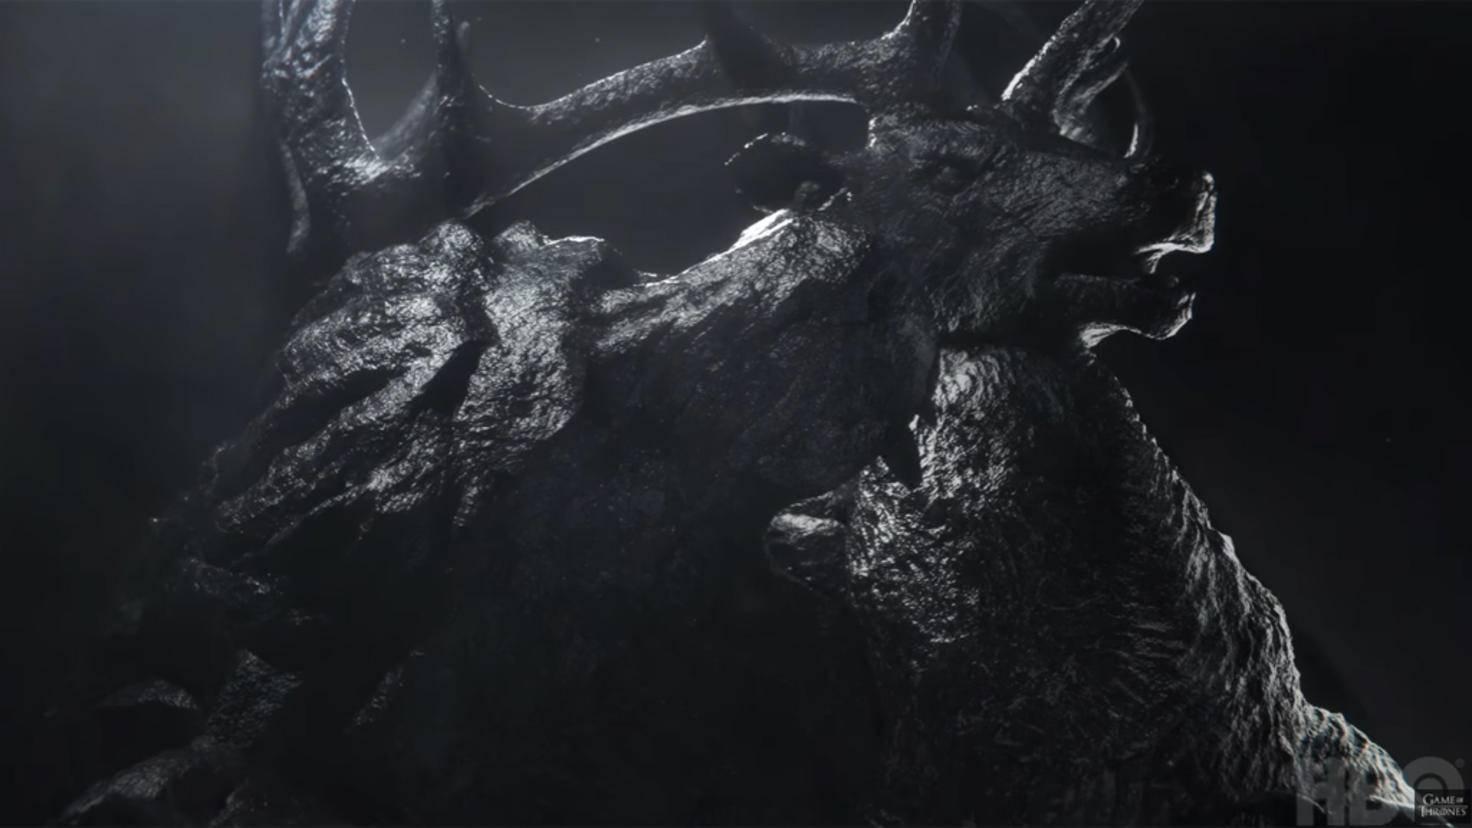 Baratheon_Lannister_Game of Thrones